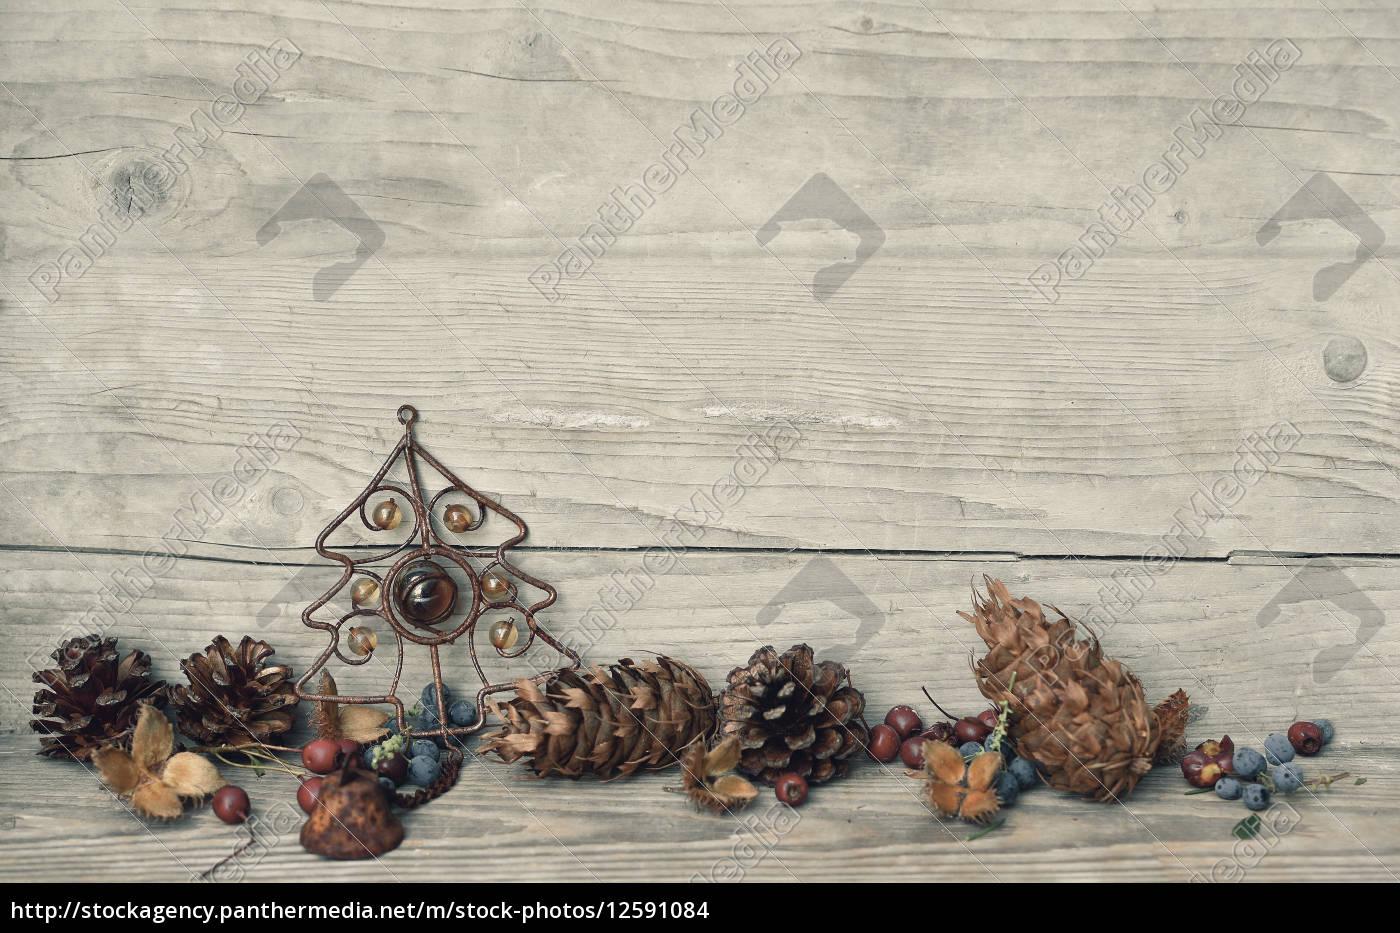 Weihnachten holz hintergrund stern lizenzfreies foto for Foto hintergrund weihnachten